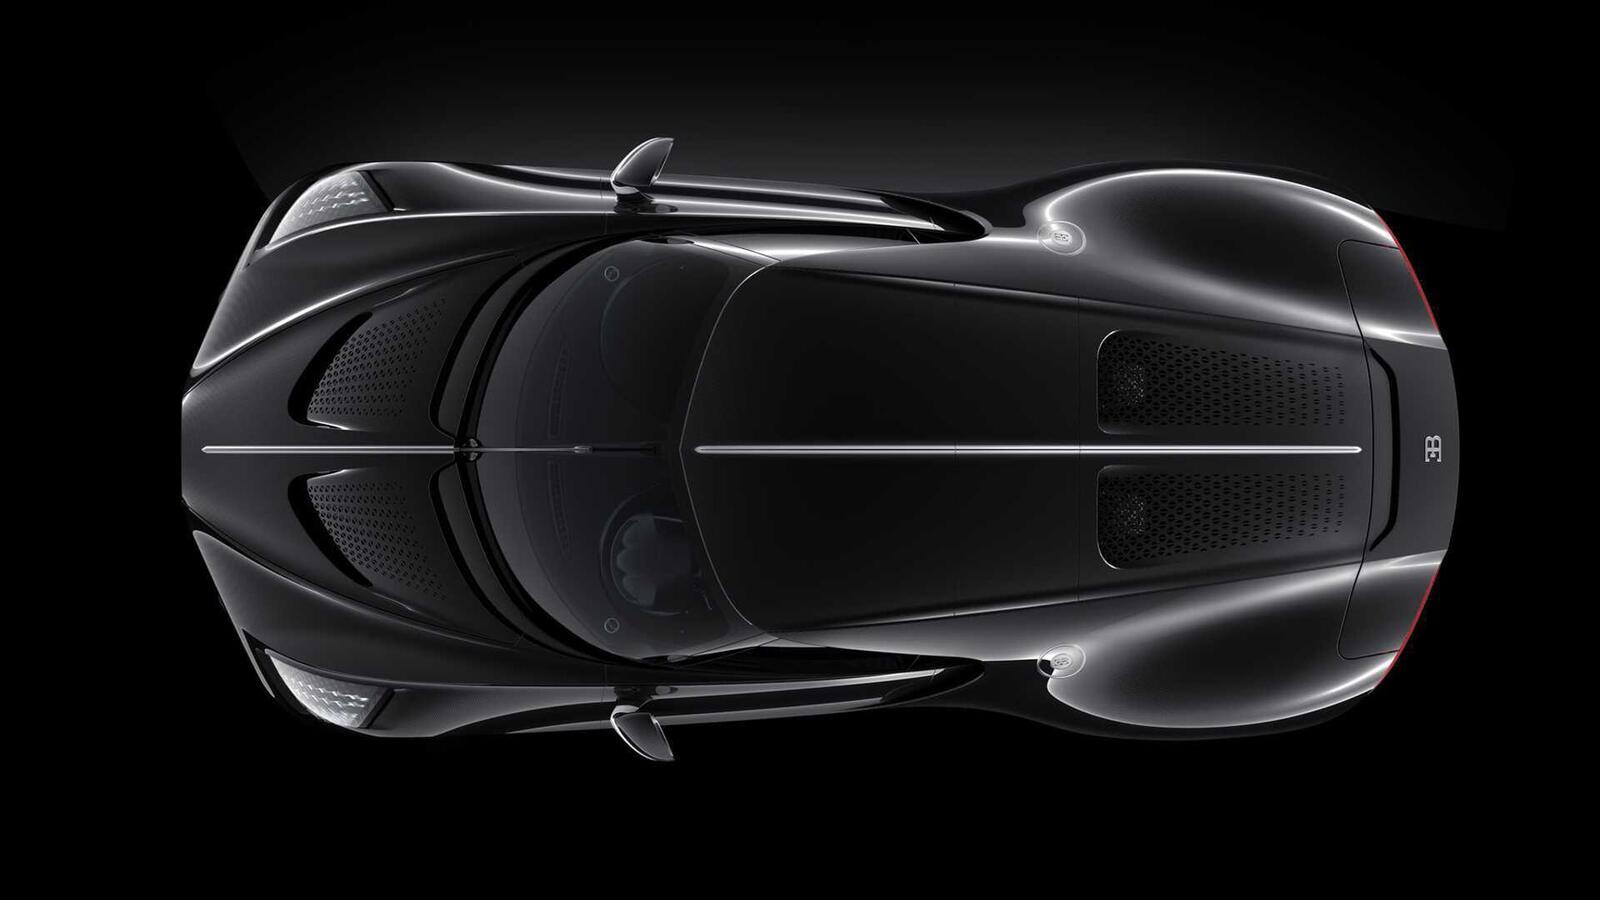 [GMS2019] Siêu phẩm Bugatti La Voatio Noire ra mắt: Chỉ một chiếc được sản xuất; giá hơn 259 tỷ đồng - Hình 11